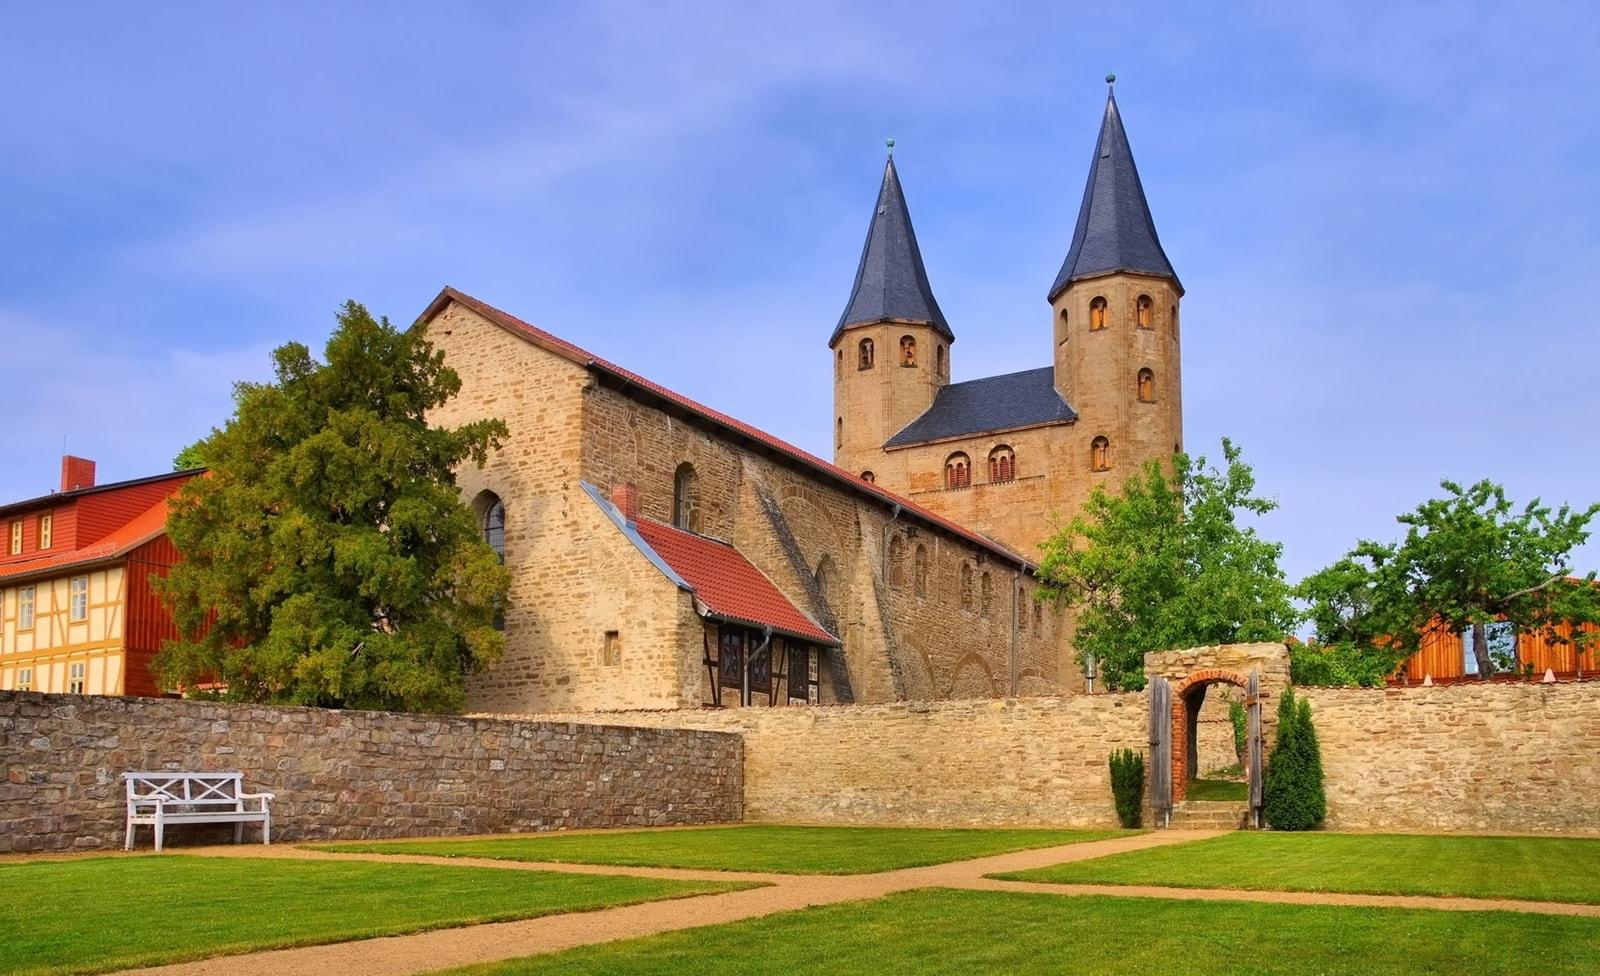 Das Sind Die 14 Schonsten Kloster In Deutschland 2020